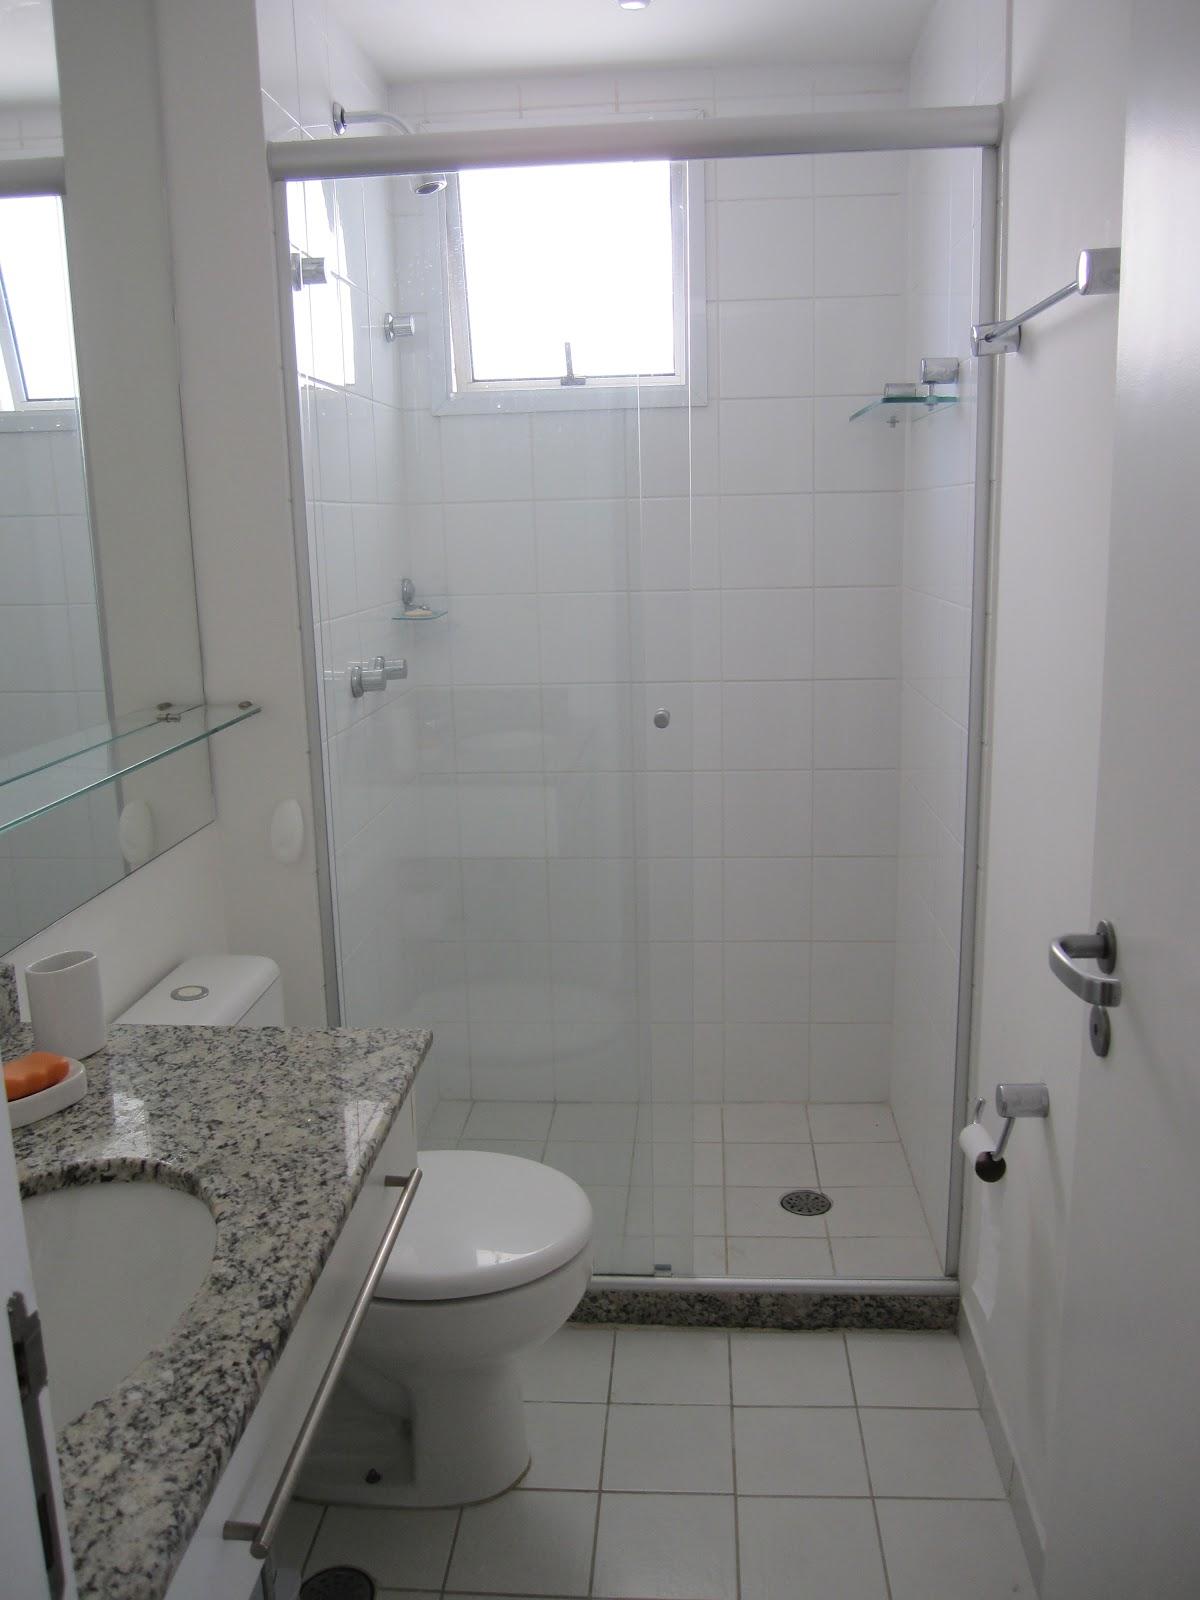 Imagens de #5E4F46 Quarto 1 mesa de escritório e guarda roupas embutidos persianas de  1200x1600 px 3484 Blindex Para Banheiro Rj